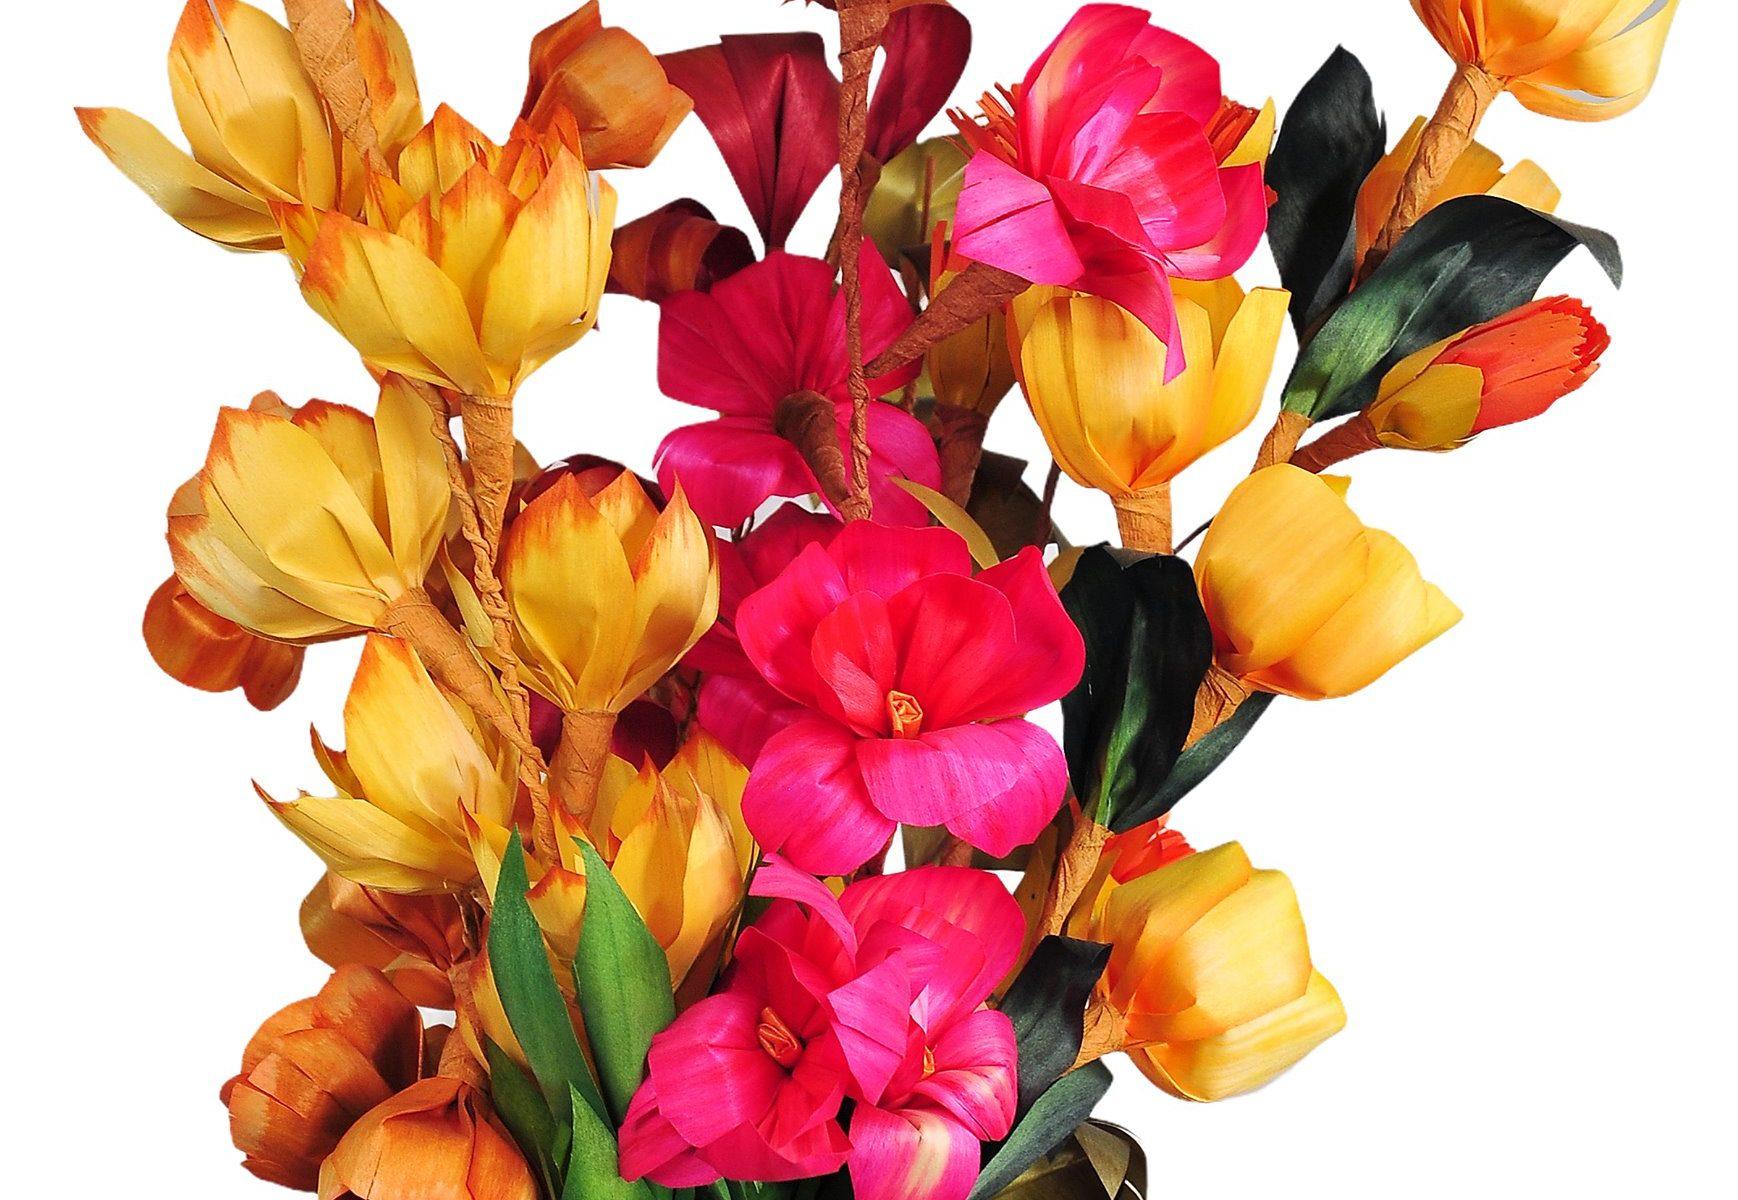 Kubiet z kolorowych kwiatków z wiórków osikowych